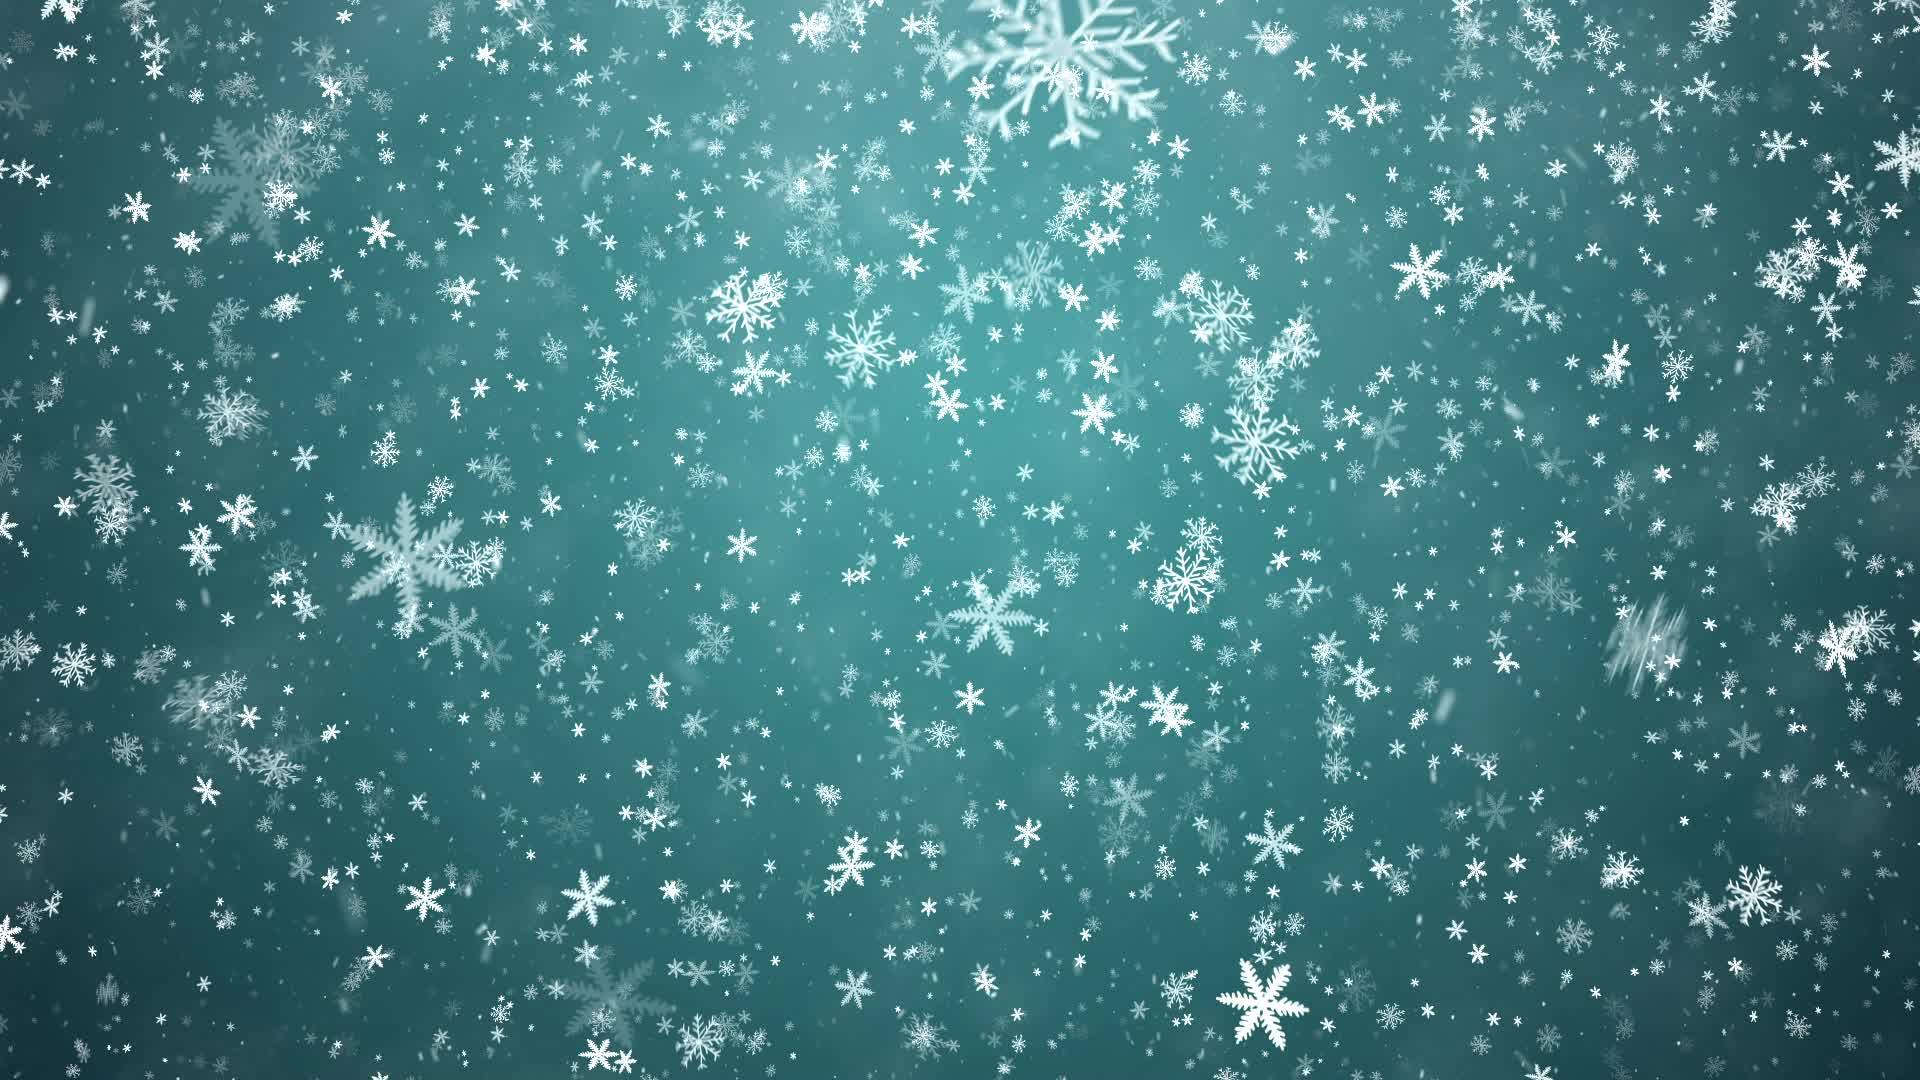 Как на фото сделать эффект снежинок